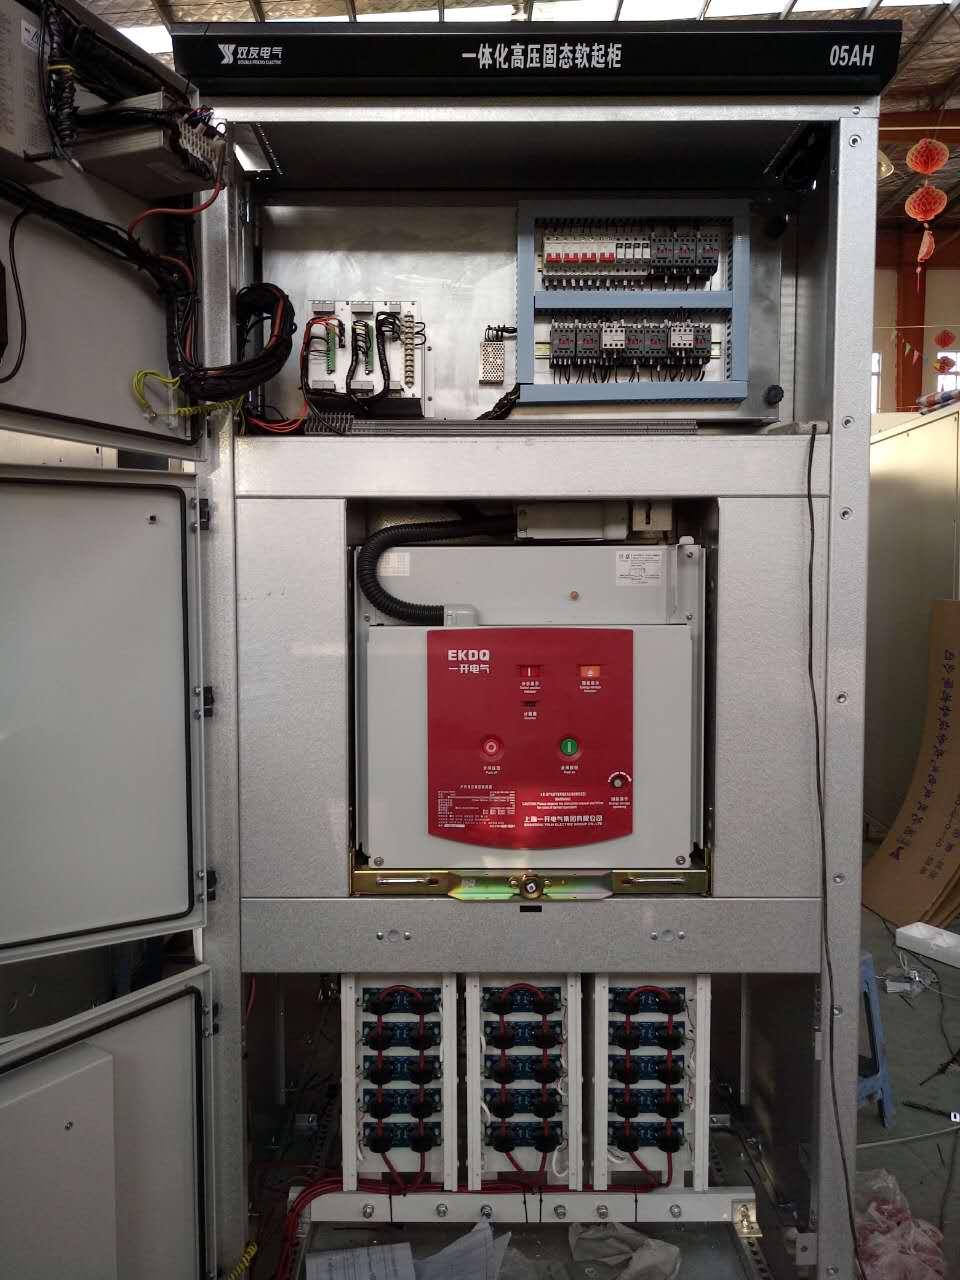 高压固态软起动柜如何保持较长使用寿命,实用一体柜高压固态软起动柜